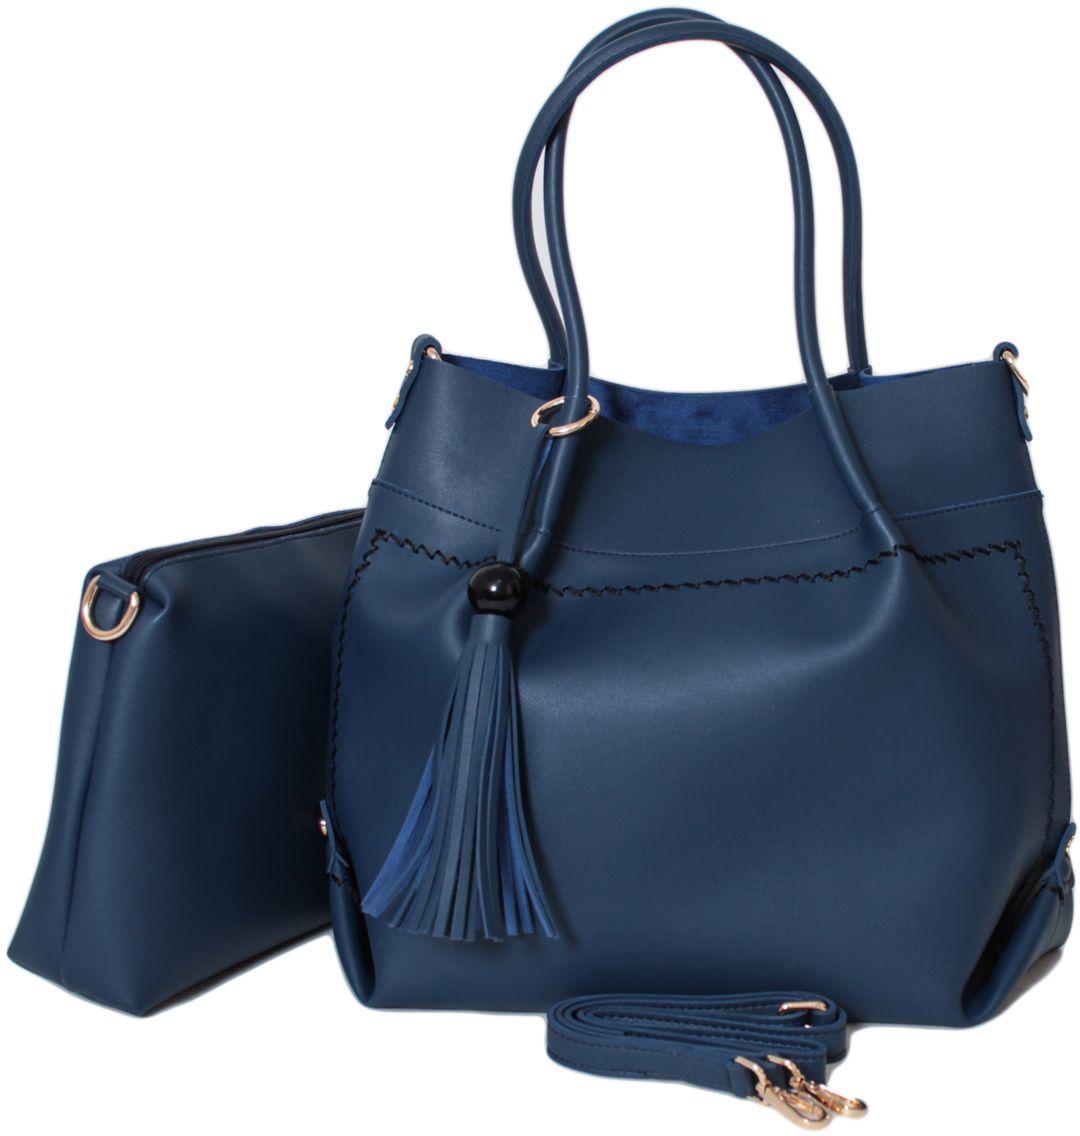 Сумка женская Flioraj, цвет: синий. 1896 blue1896 blueЗакрывается на молнию. Внутри одно отделение. В комплекте косметичка и наплечный ремень. Высота ручек 20 см.